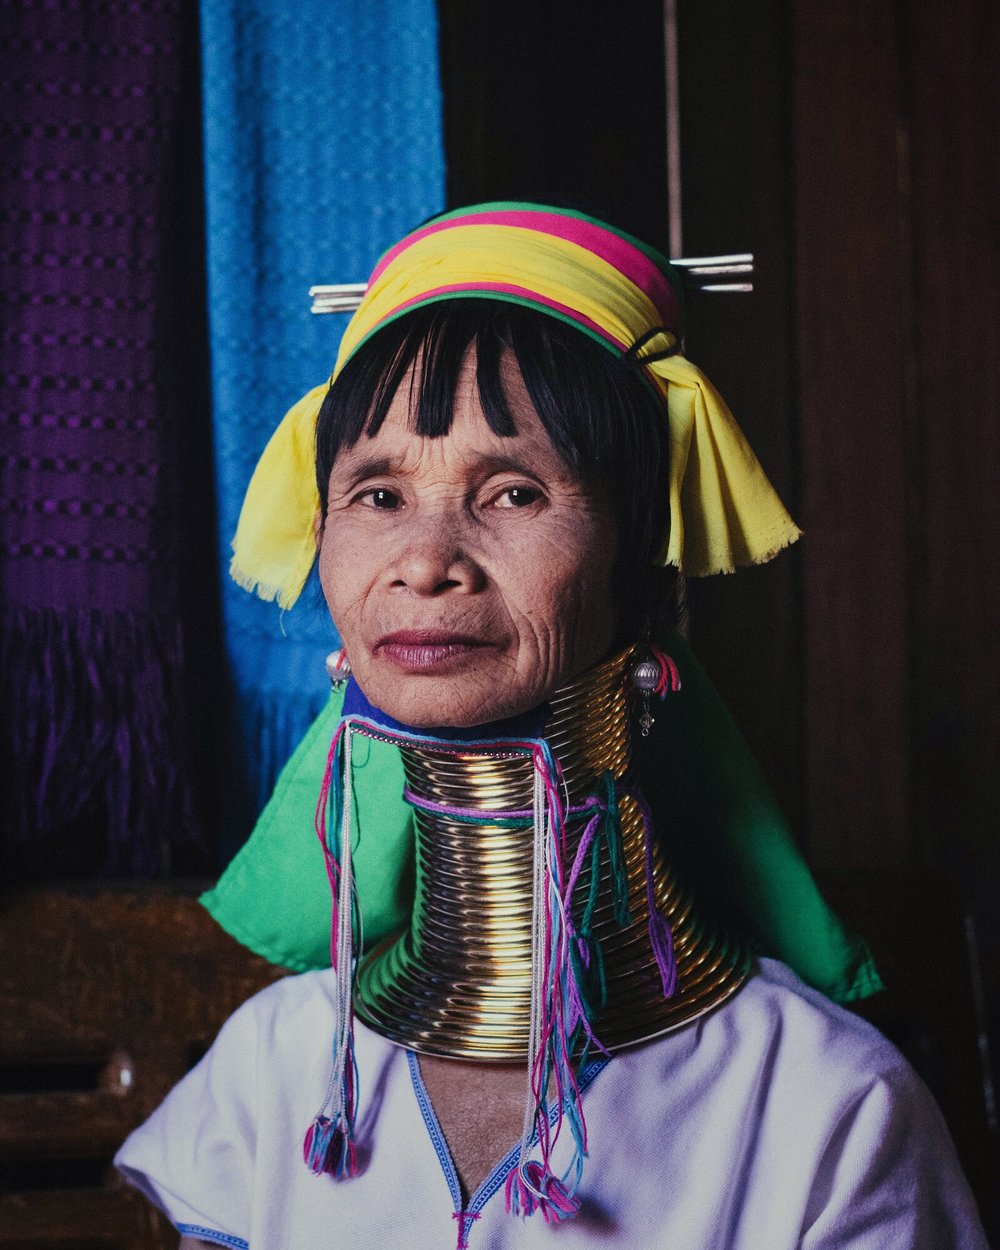 Long neck tribe myanmar portrait woman